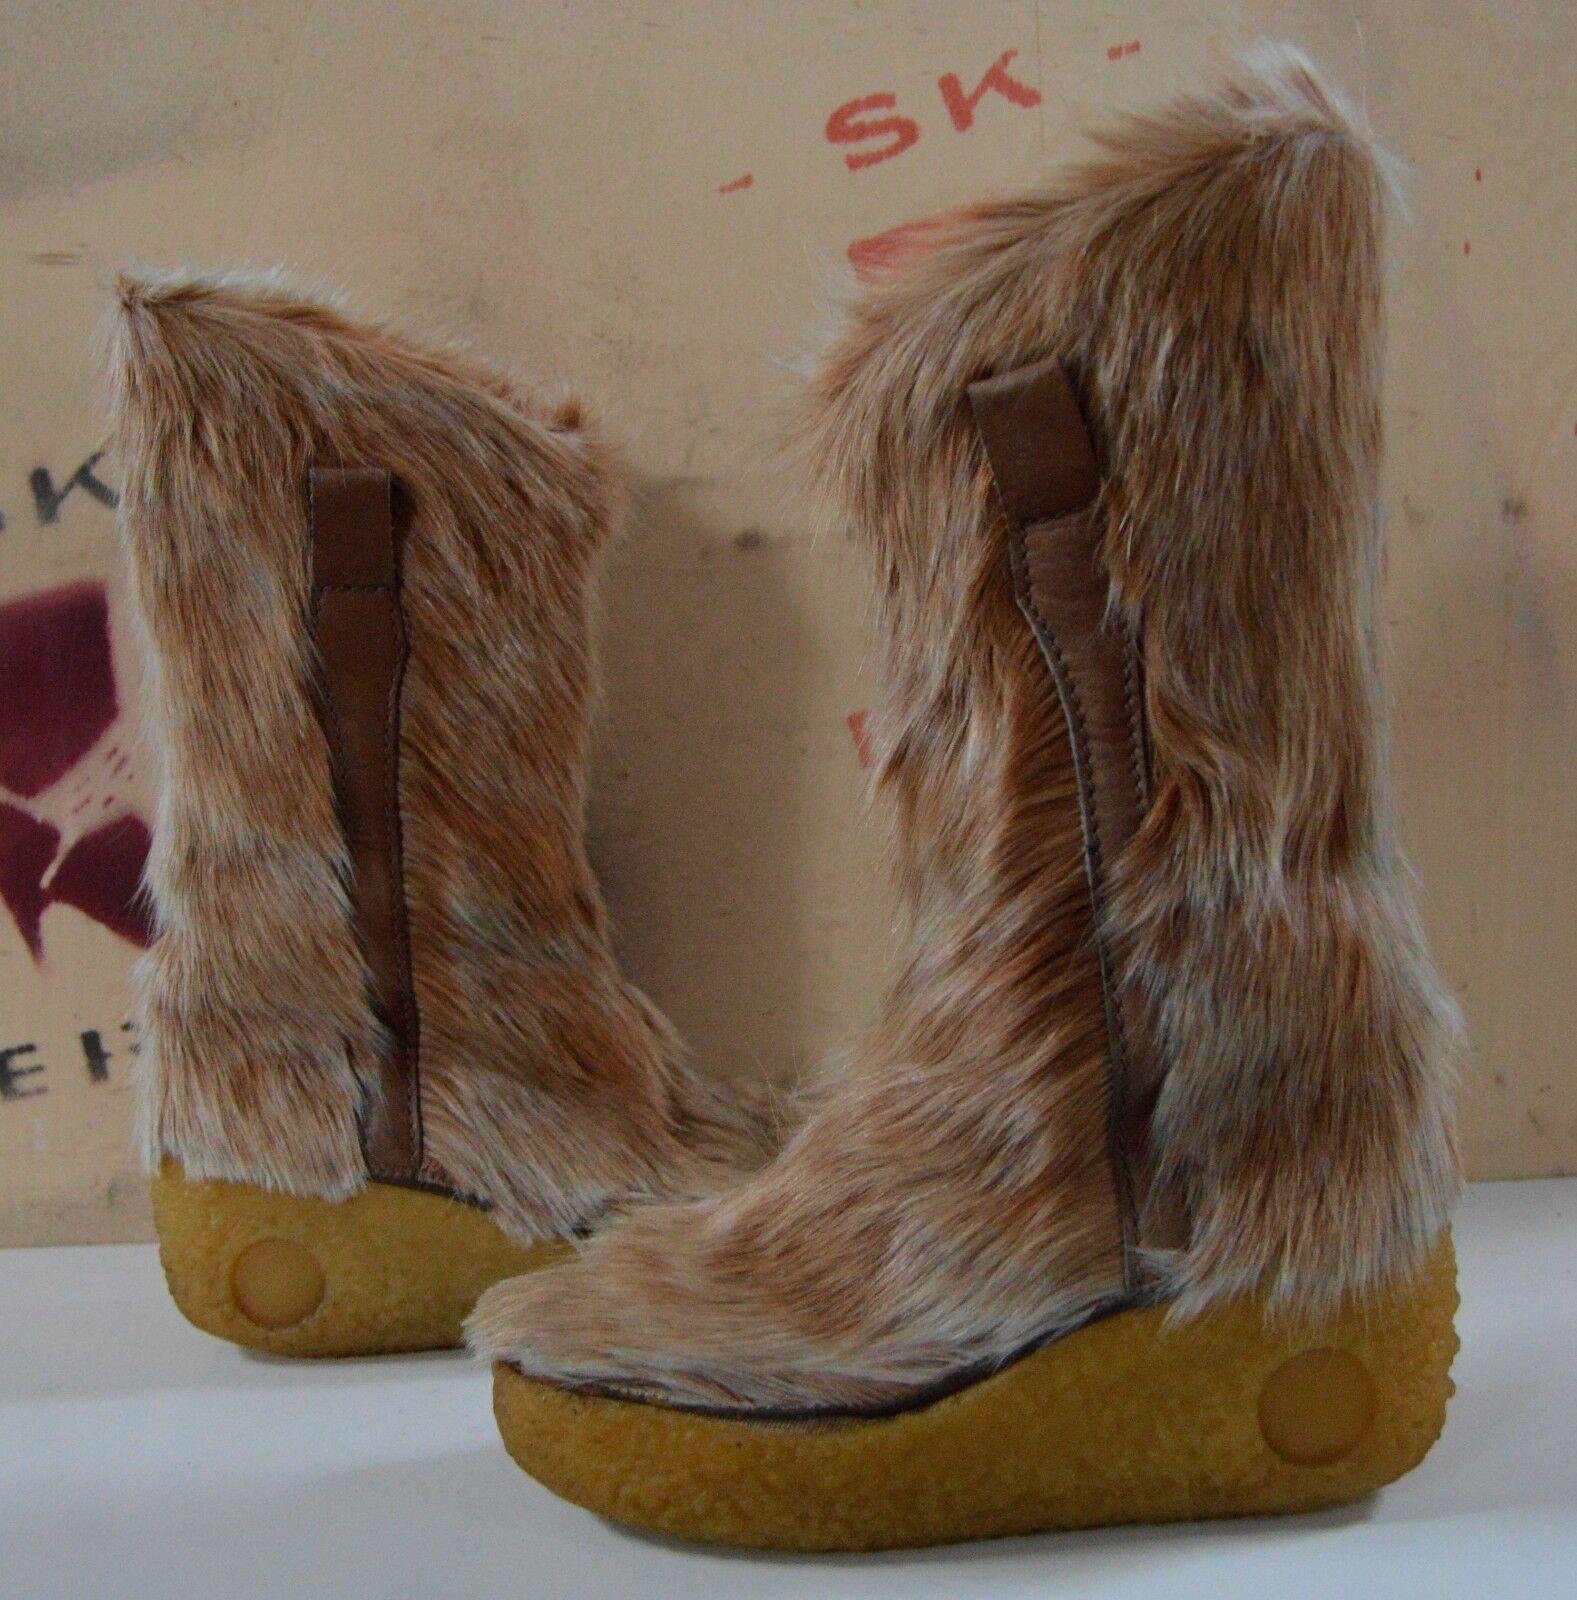 Grandes zapatos con descuento Fellstiefel Winterstiefel TRUE VINTAGE Boots Keil Yeti Boots Stiefel Fell wedges